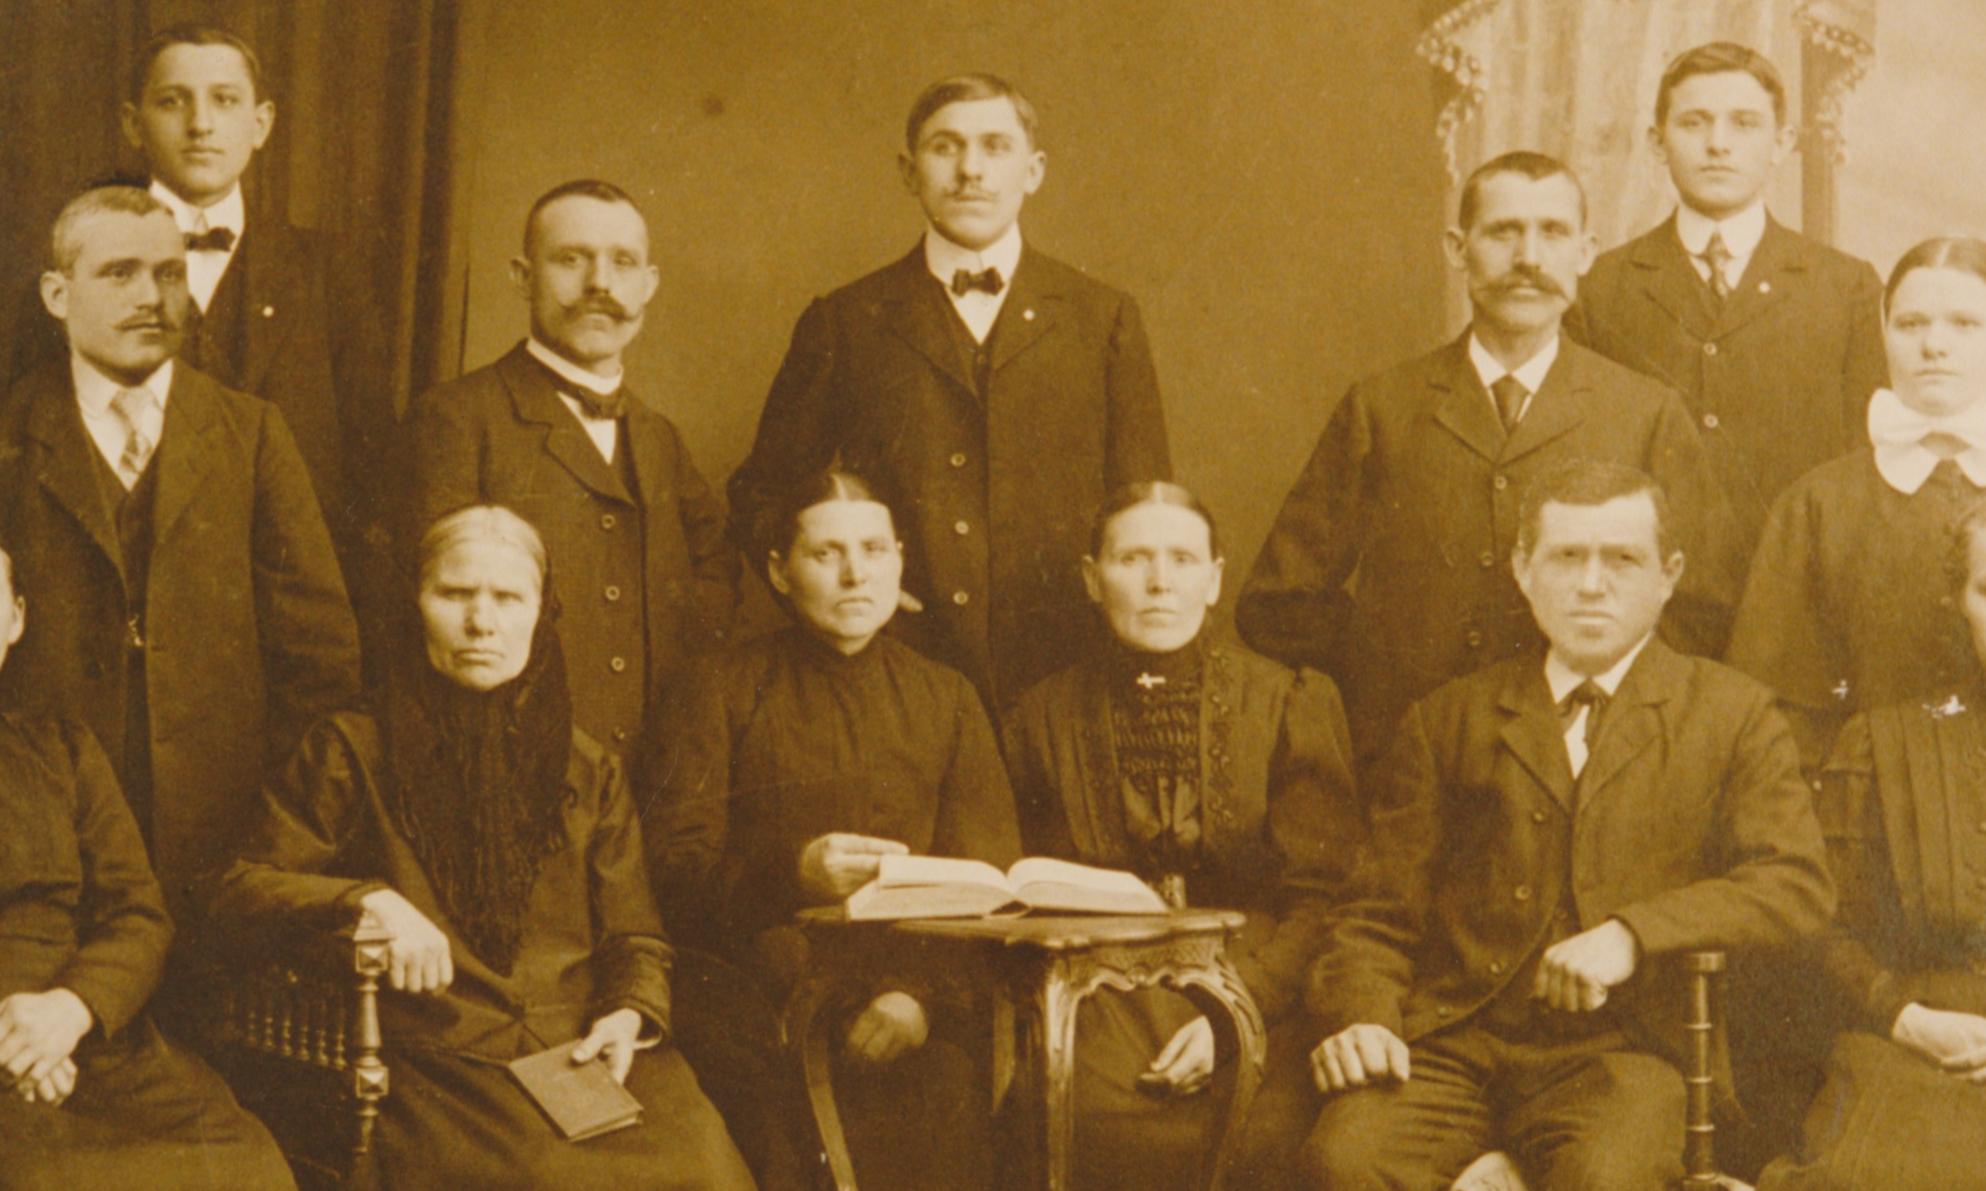 Das Familienfoto | story.one